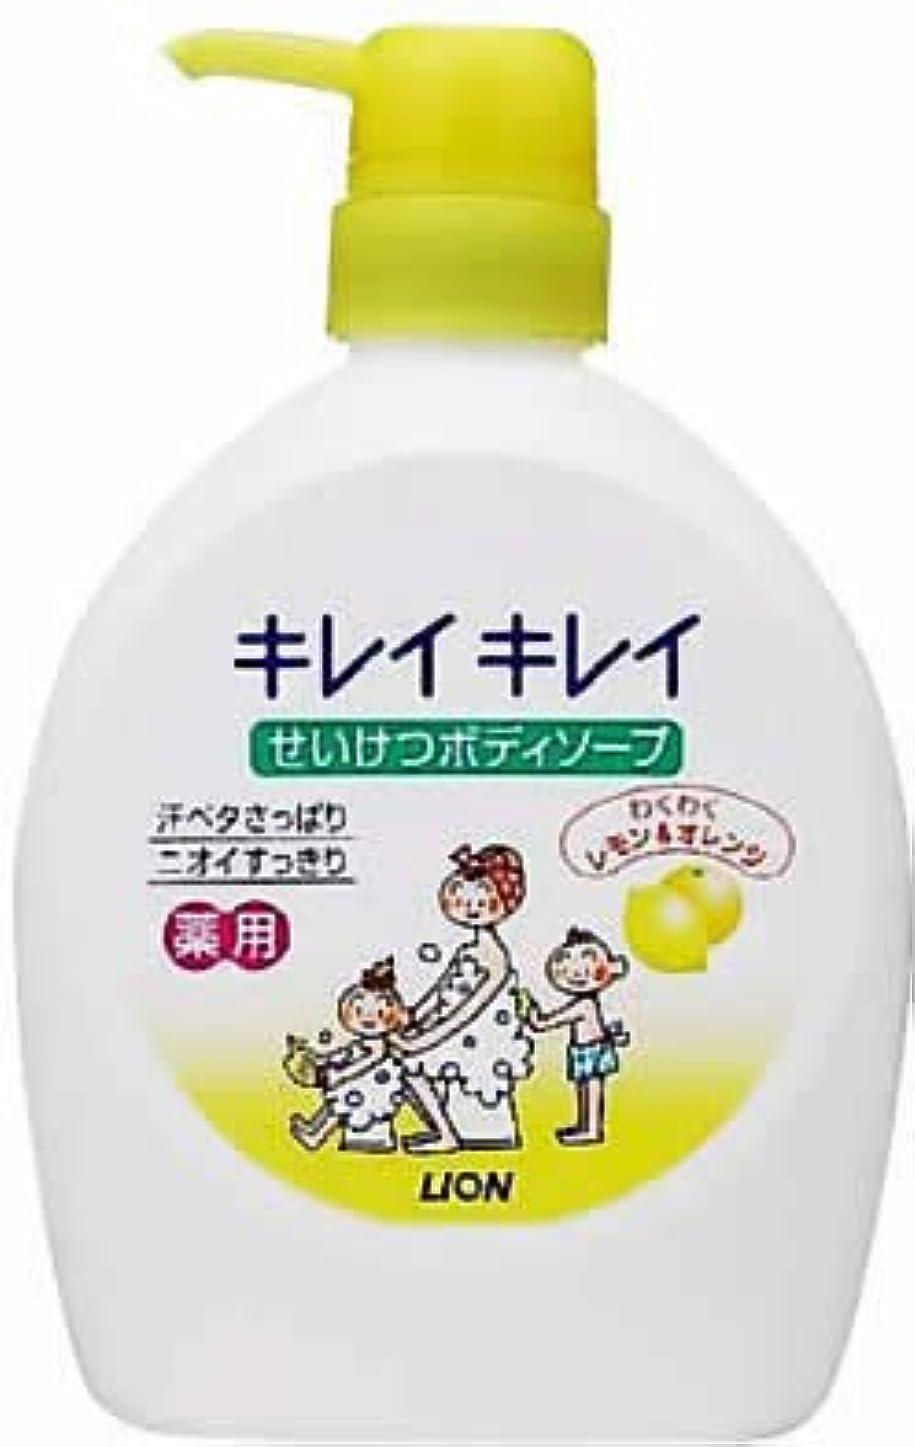 汚物寛大な推測キレイキレイ せいけつボディソープ わくわくレモン&オレンジの香り 本体ポンプ 580ml